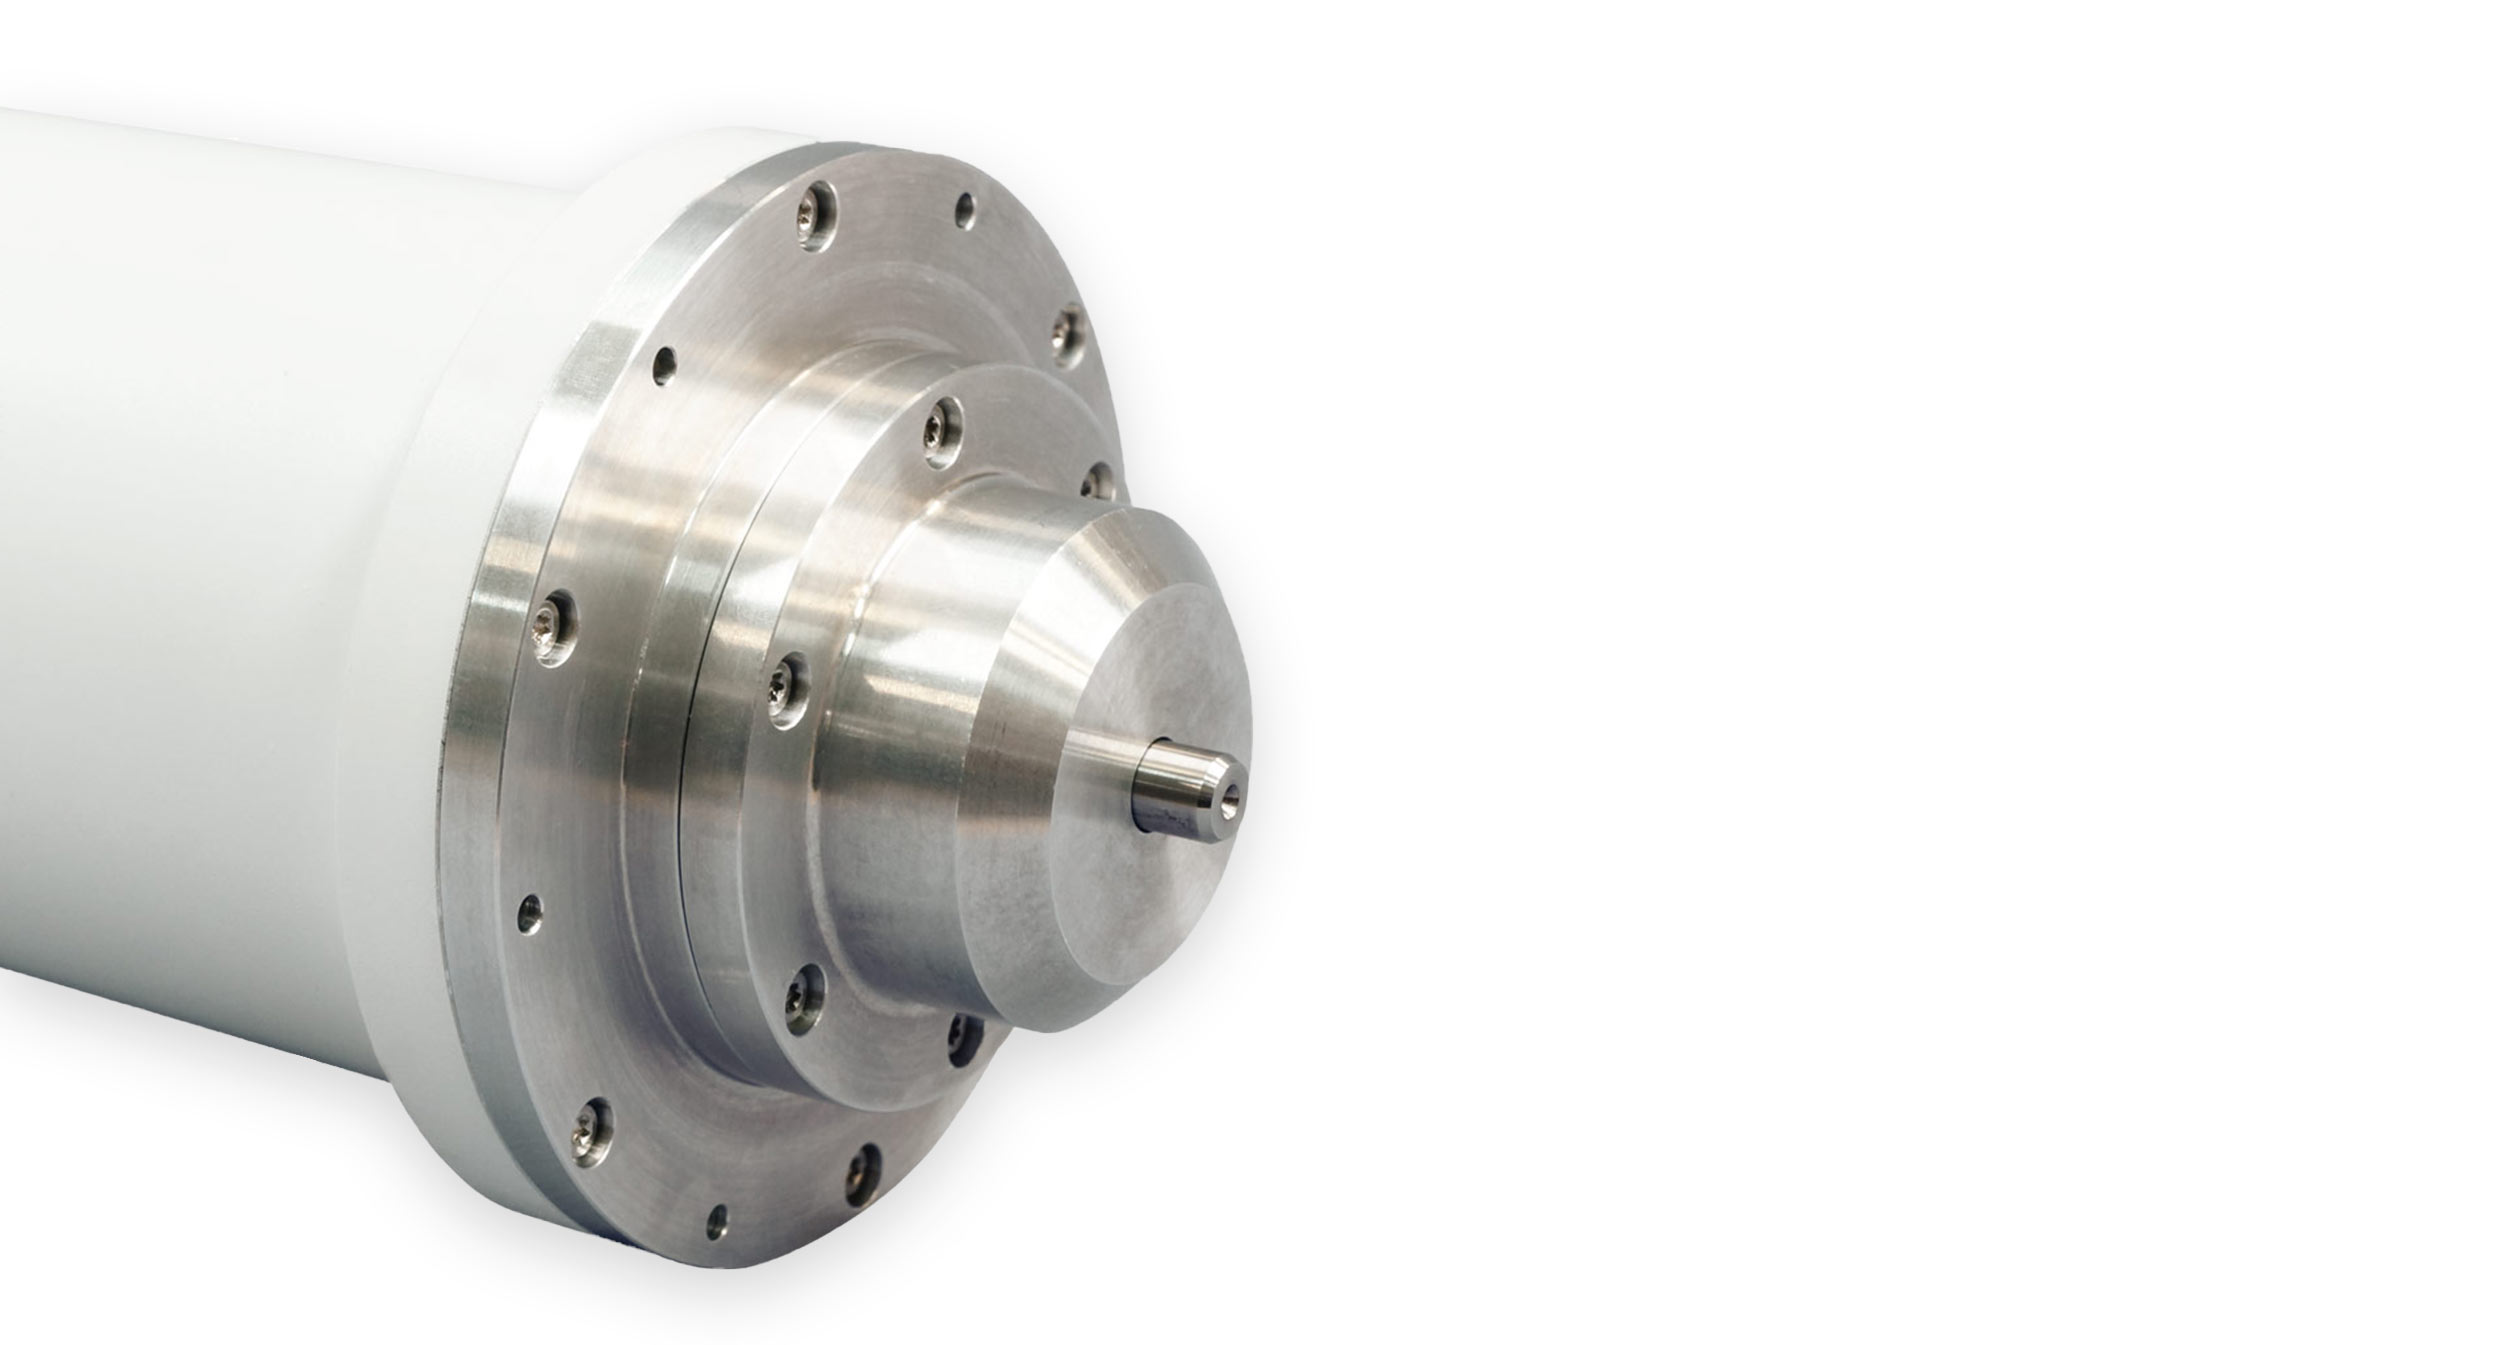 ADR在高精度线性作动器的设计和生产方面也拥有专有技术。